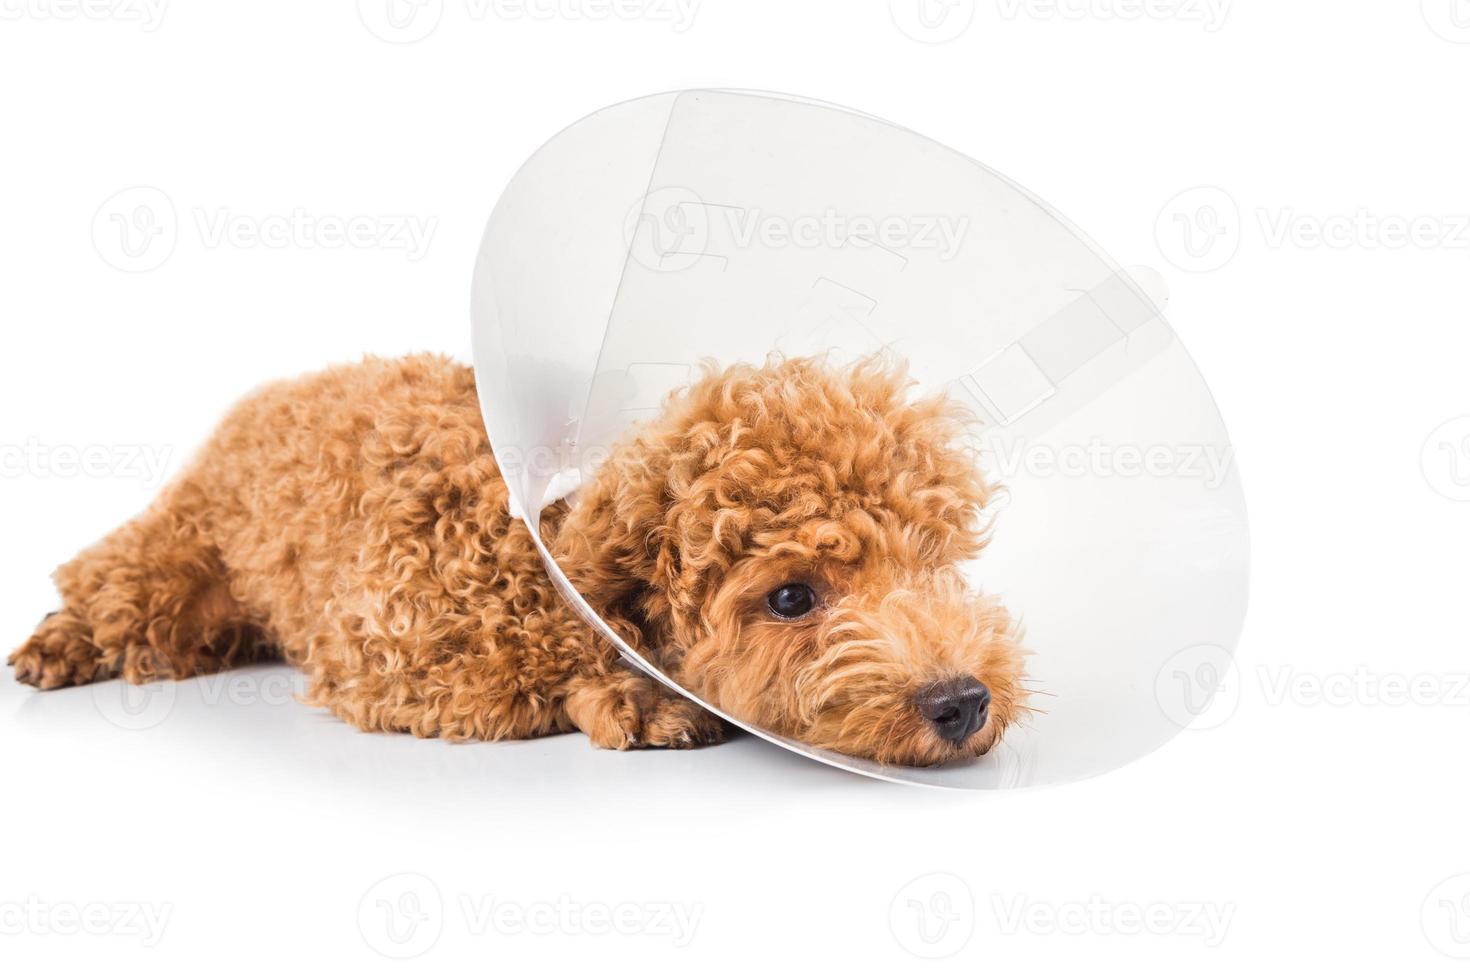 barboncino triste che indossa il collare a cono protettivo sul collo foto